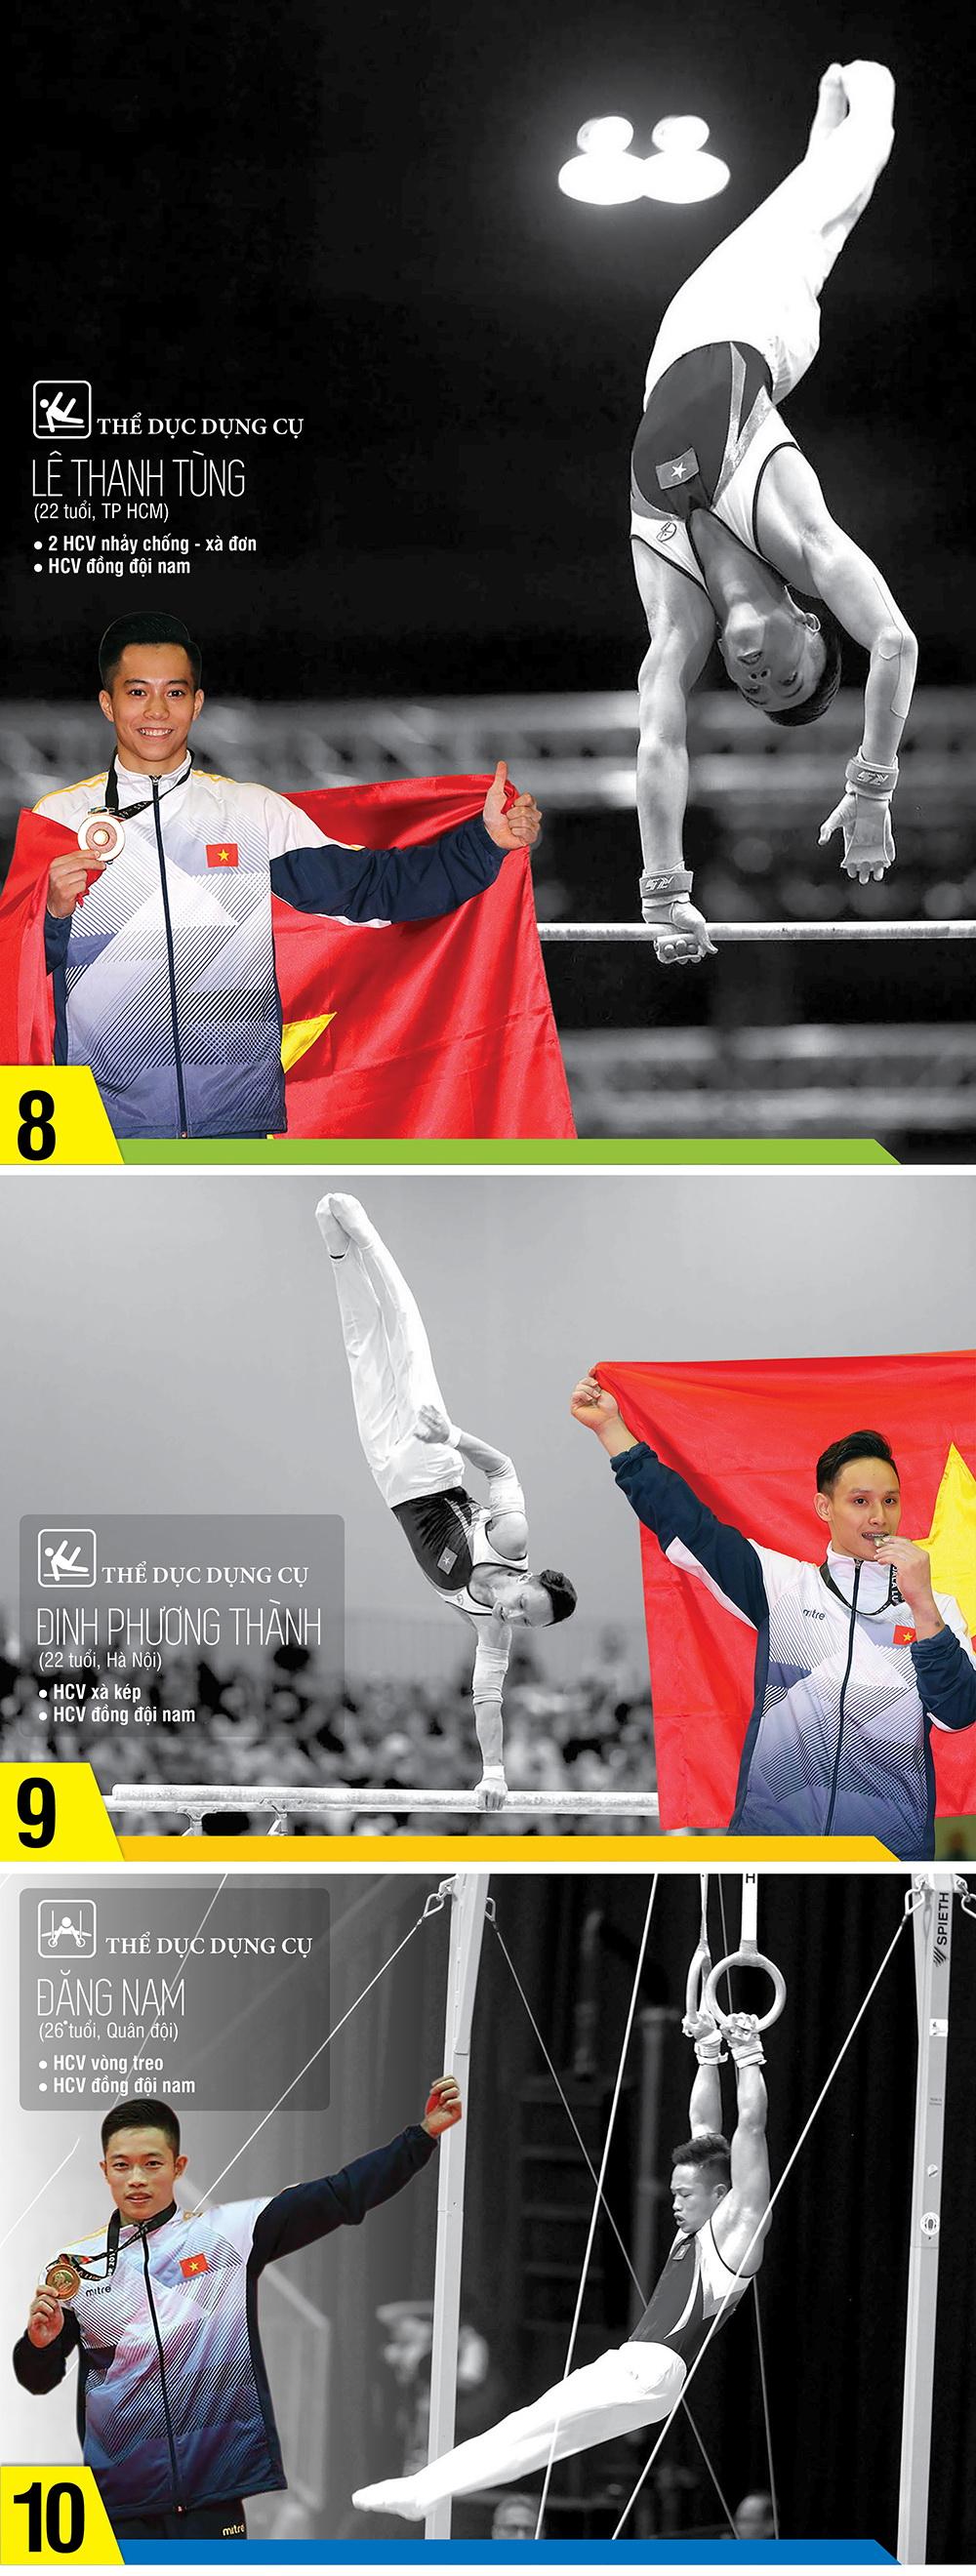 Rạng danh Việt Nam tại đấu trường SEA Games 29 - Ảnh 3.